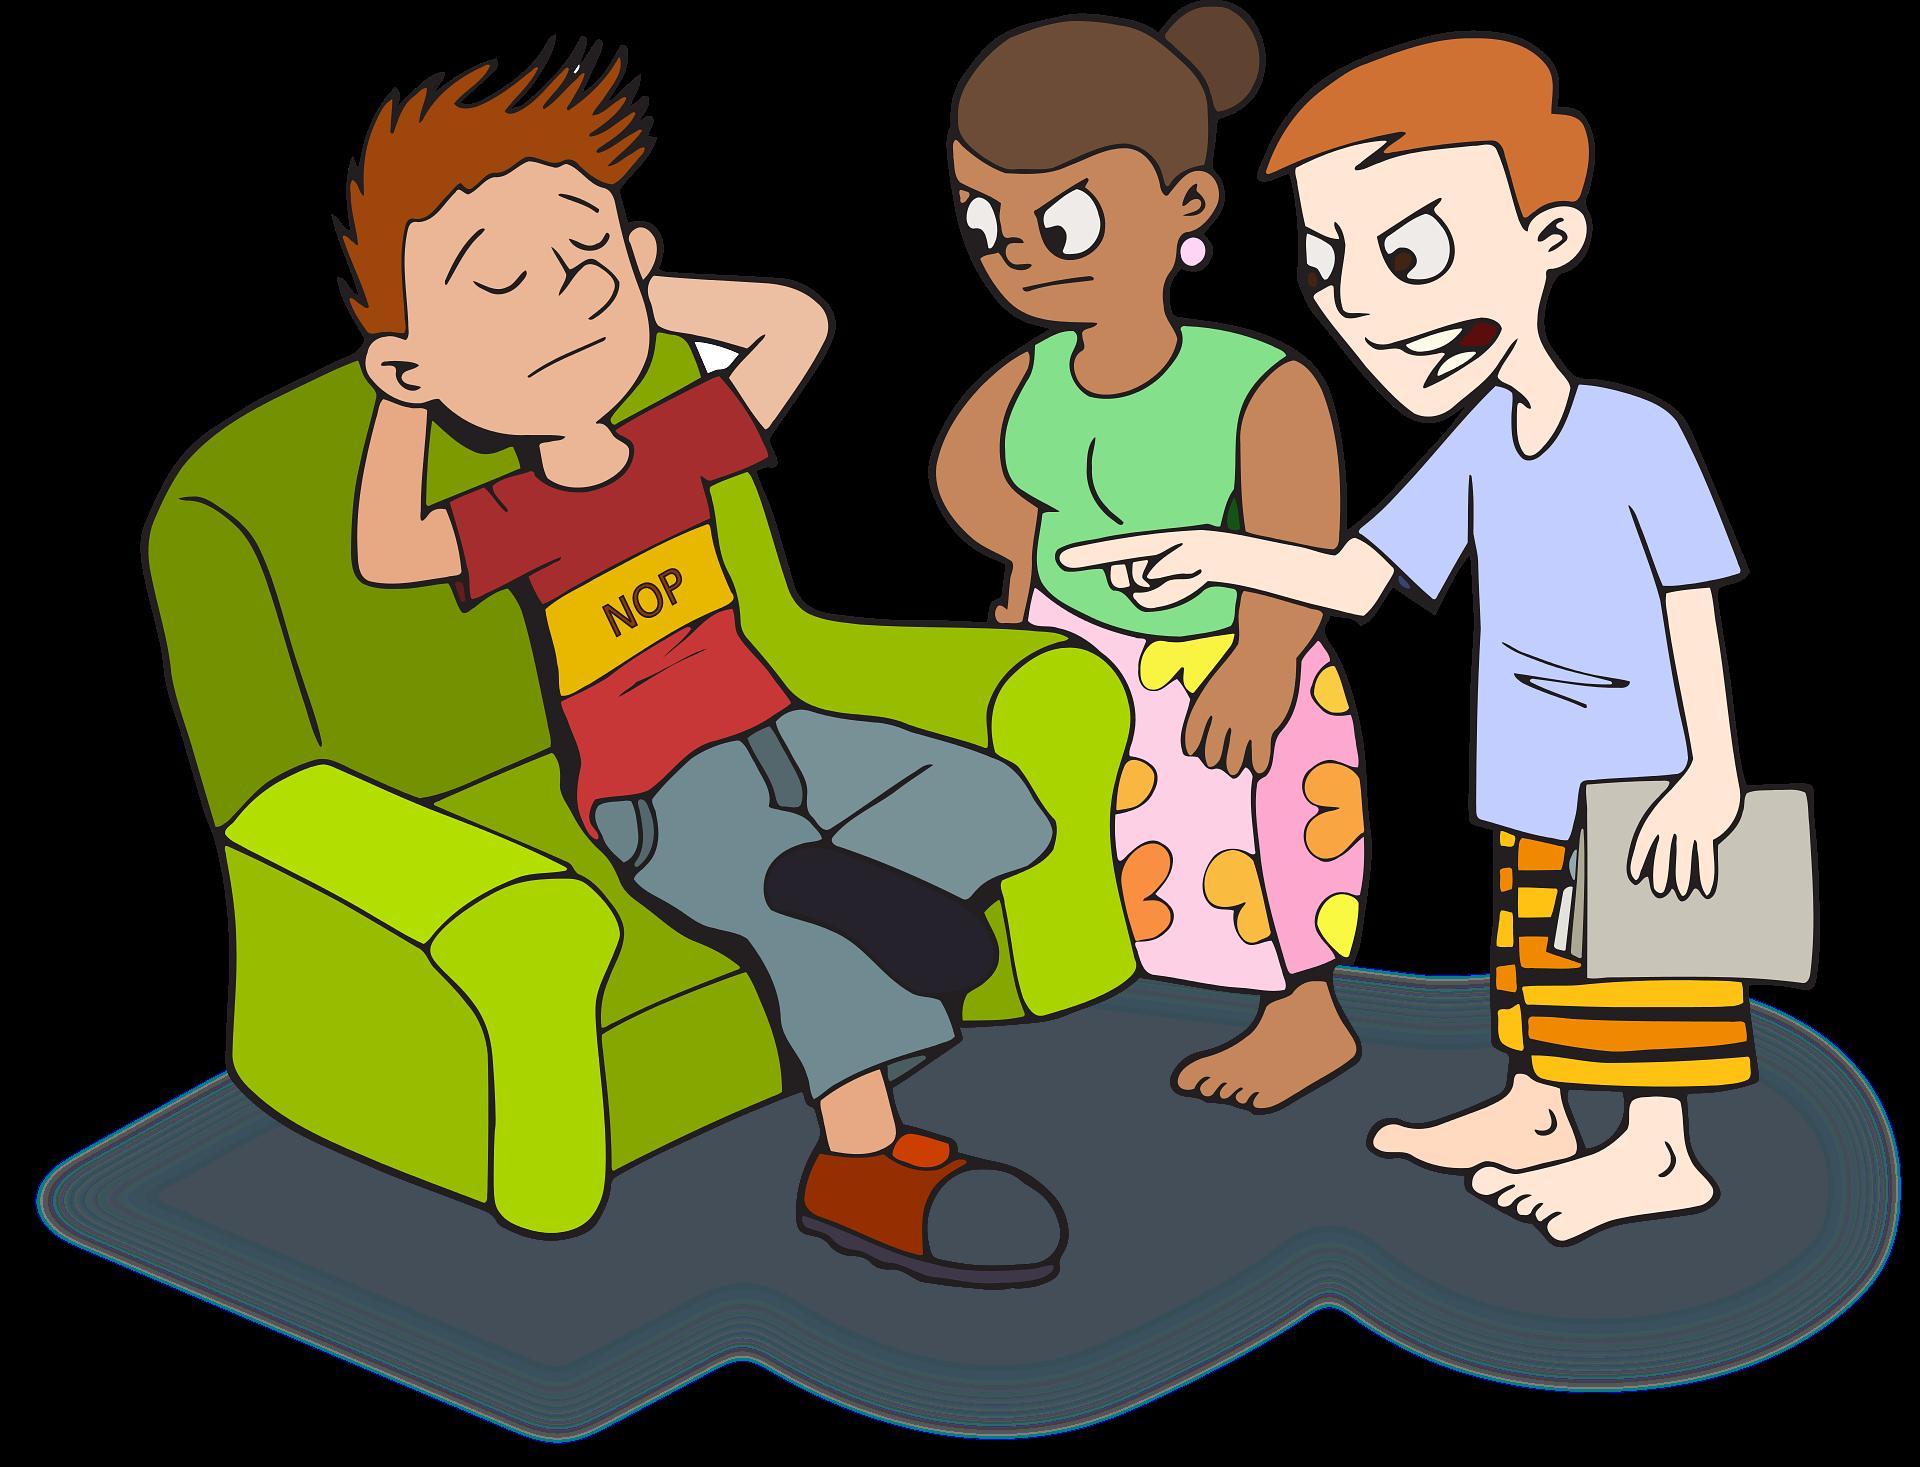 Parent adult relationships . Conversation clipart child conversation